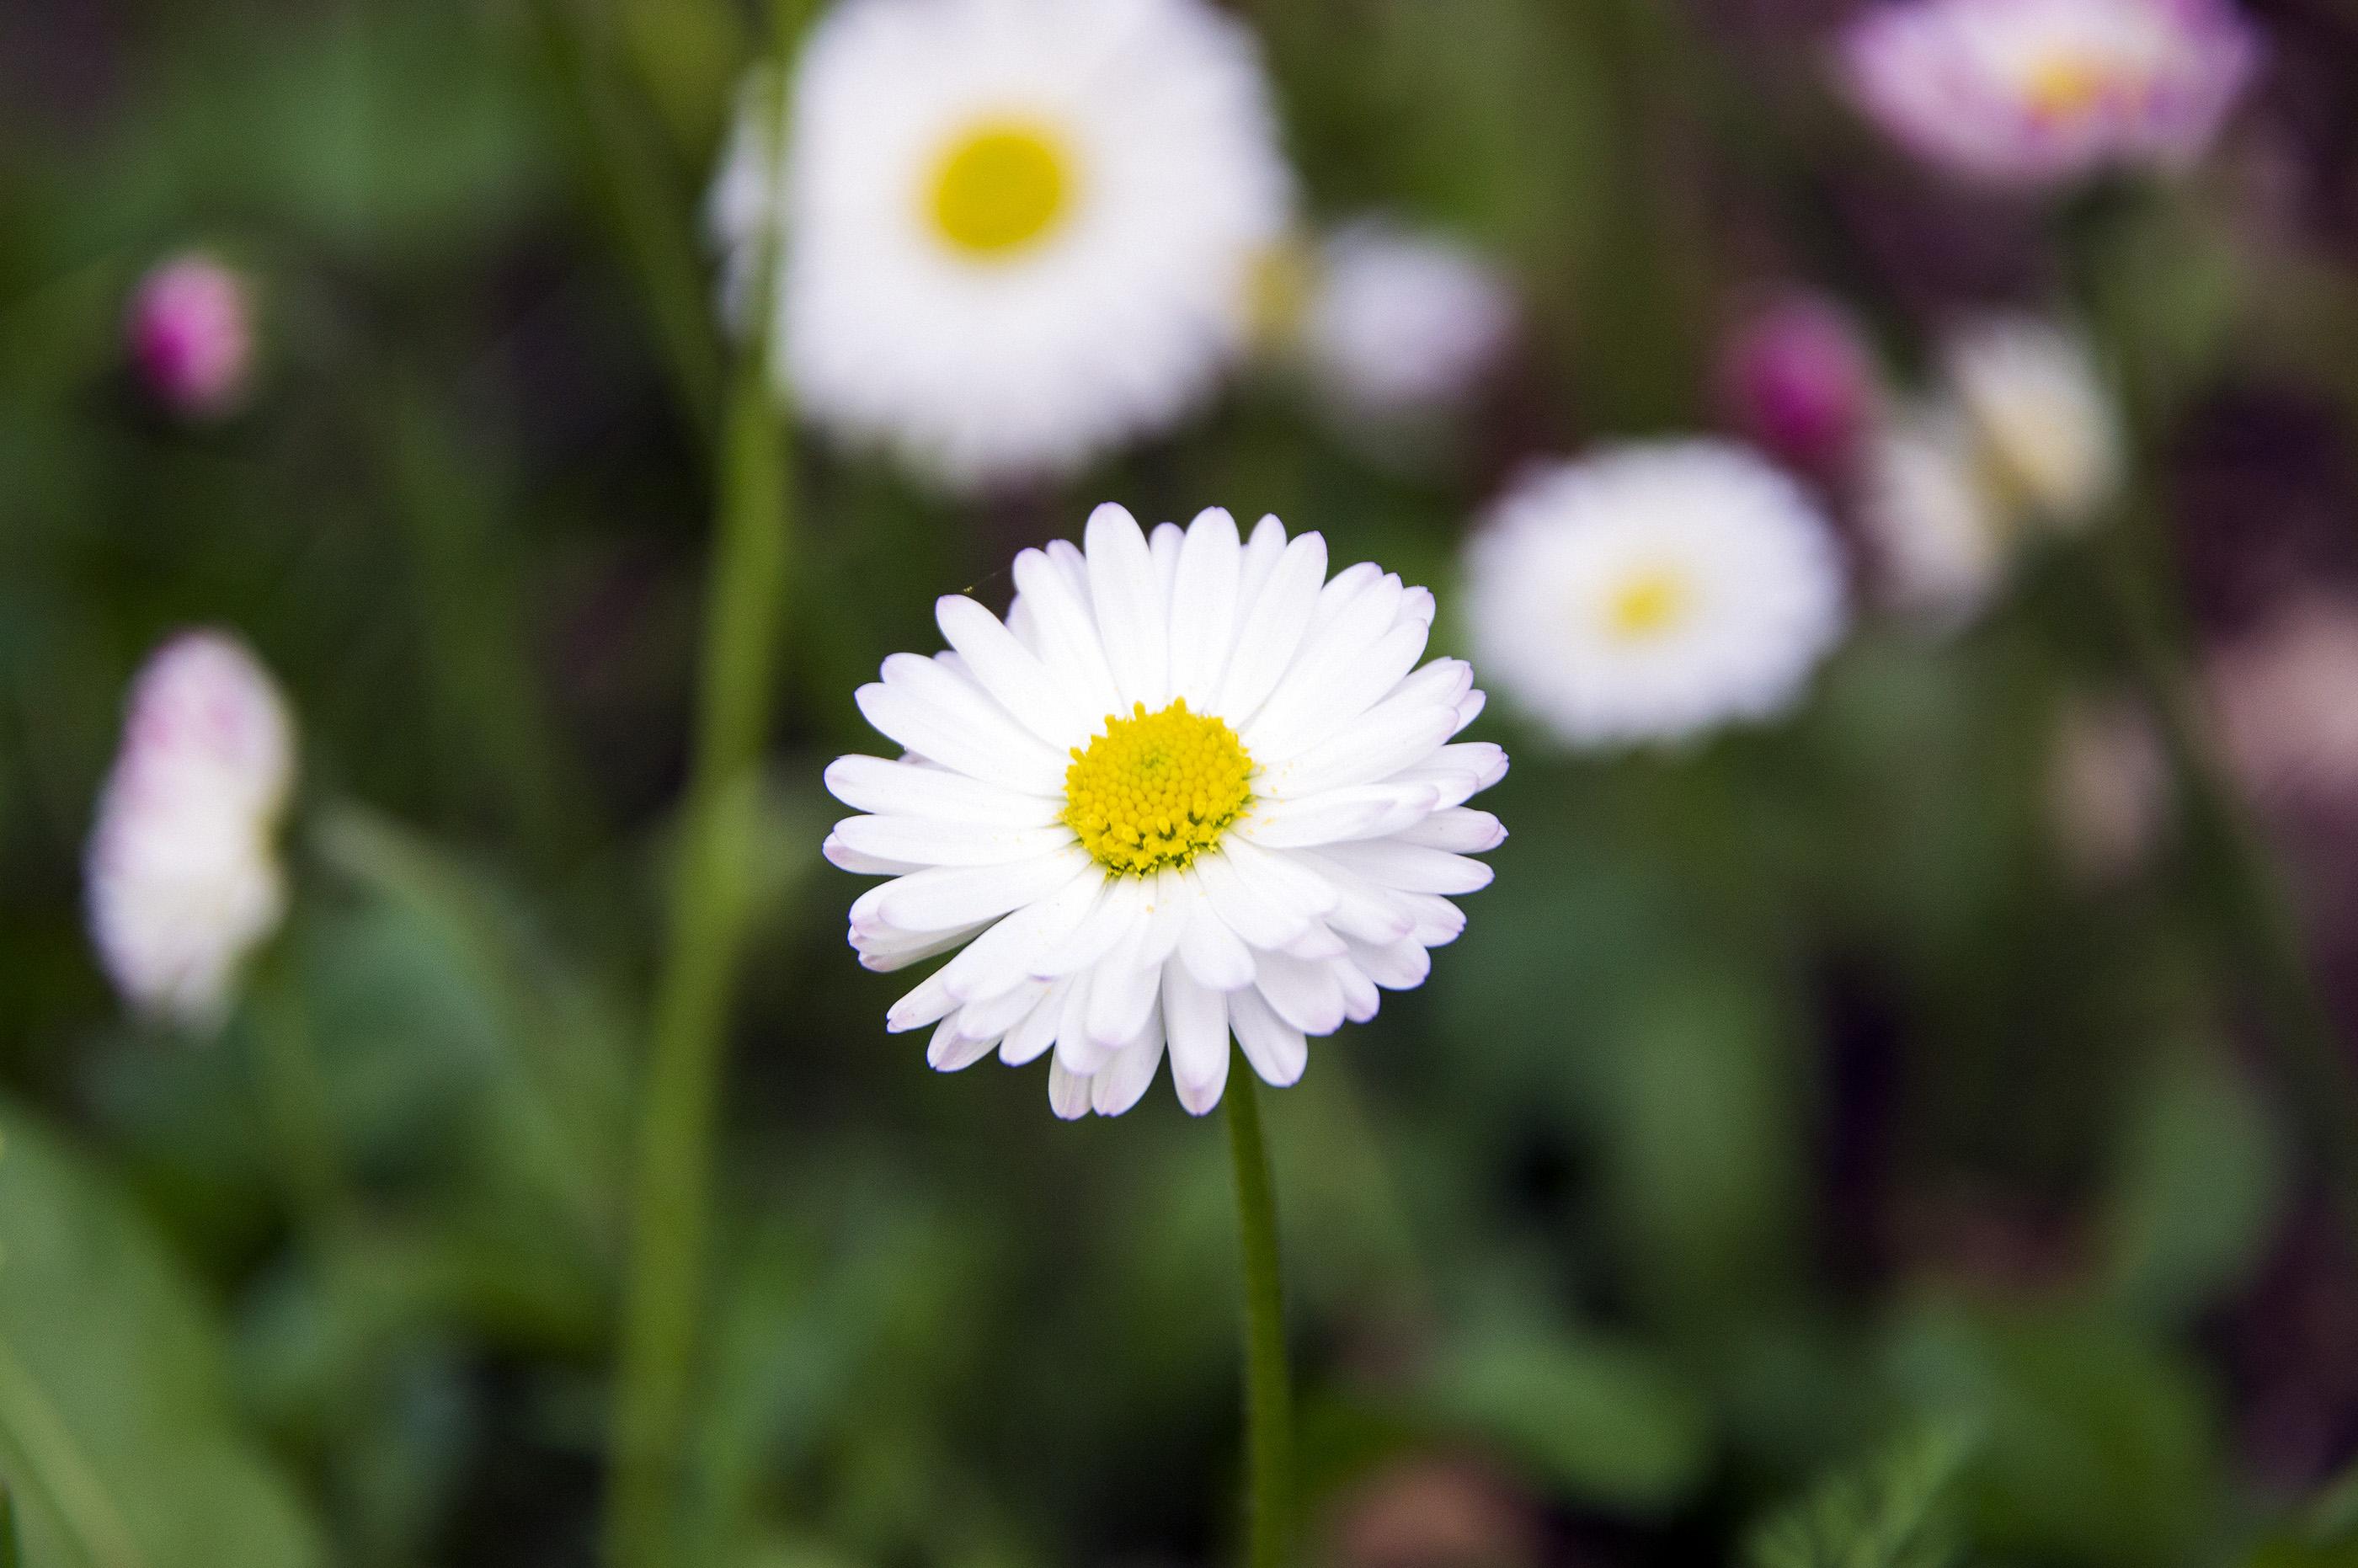 Saulutė - lauko gėlė